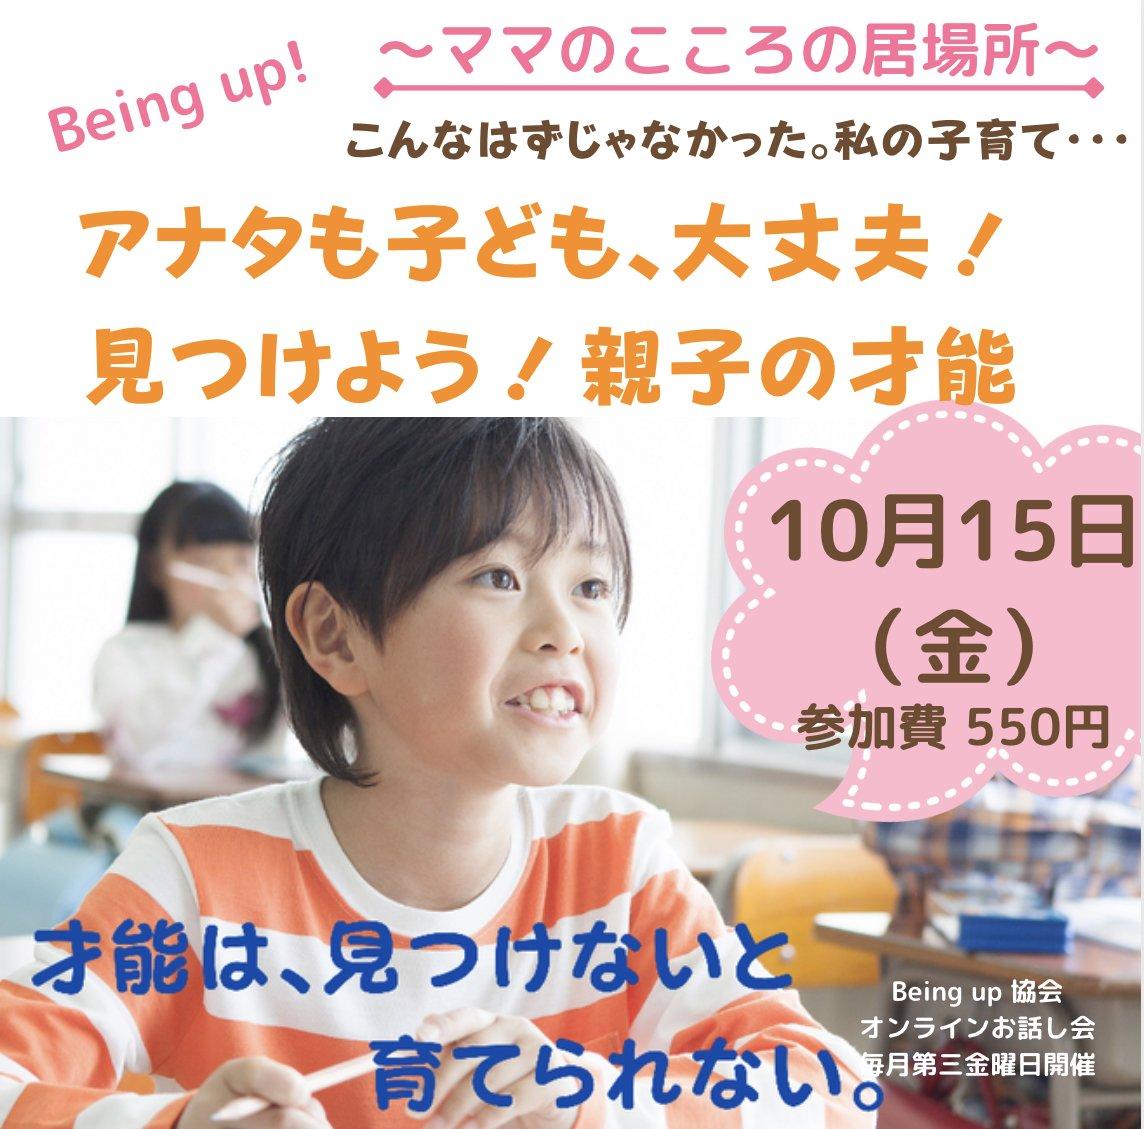 【10月15日開催】月に1回 子育てお話会 〜ママの安心できる心の居場所〜のイメージその1